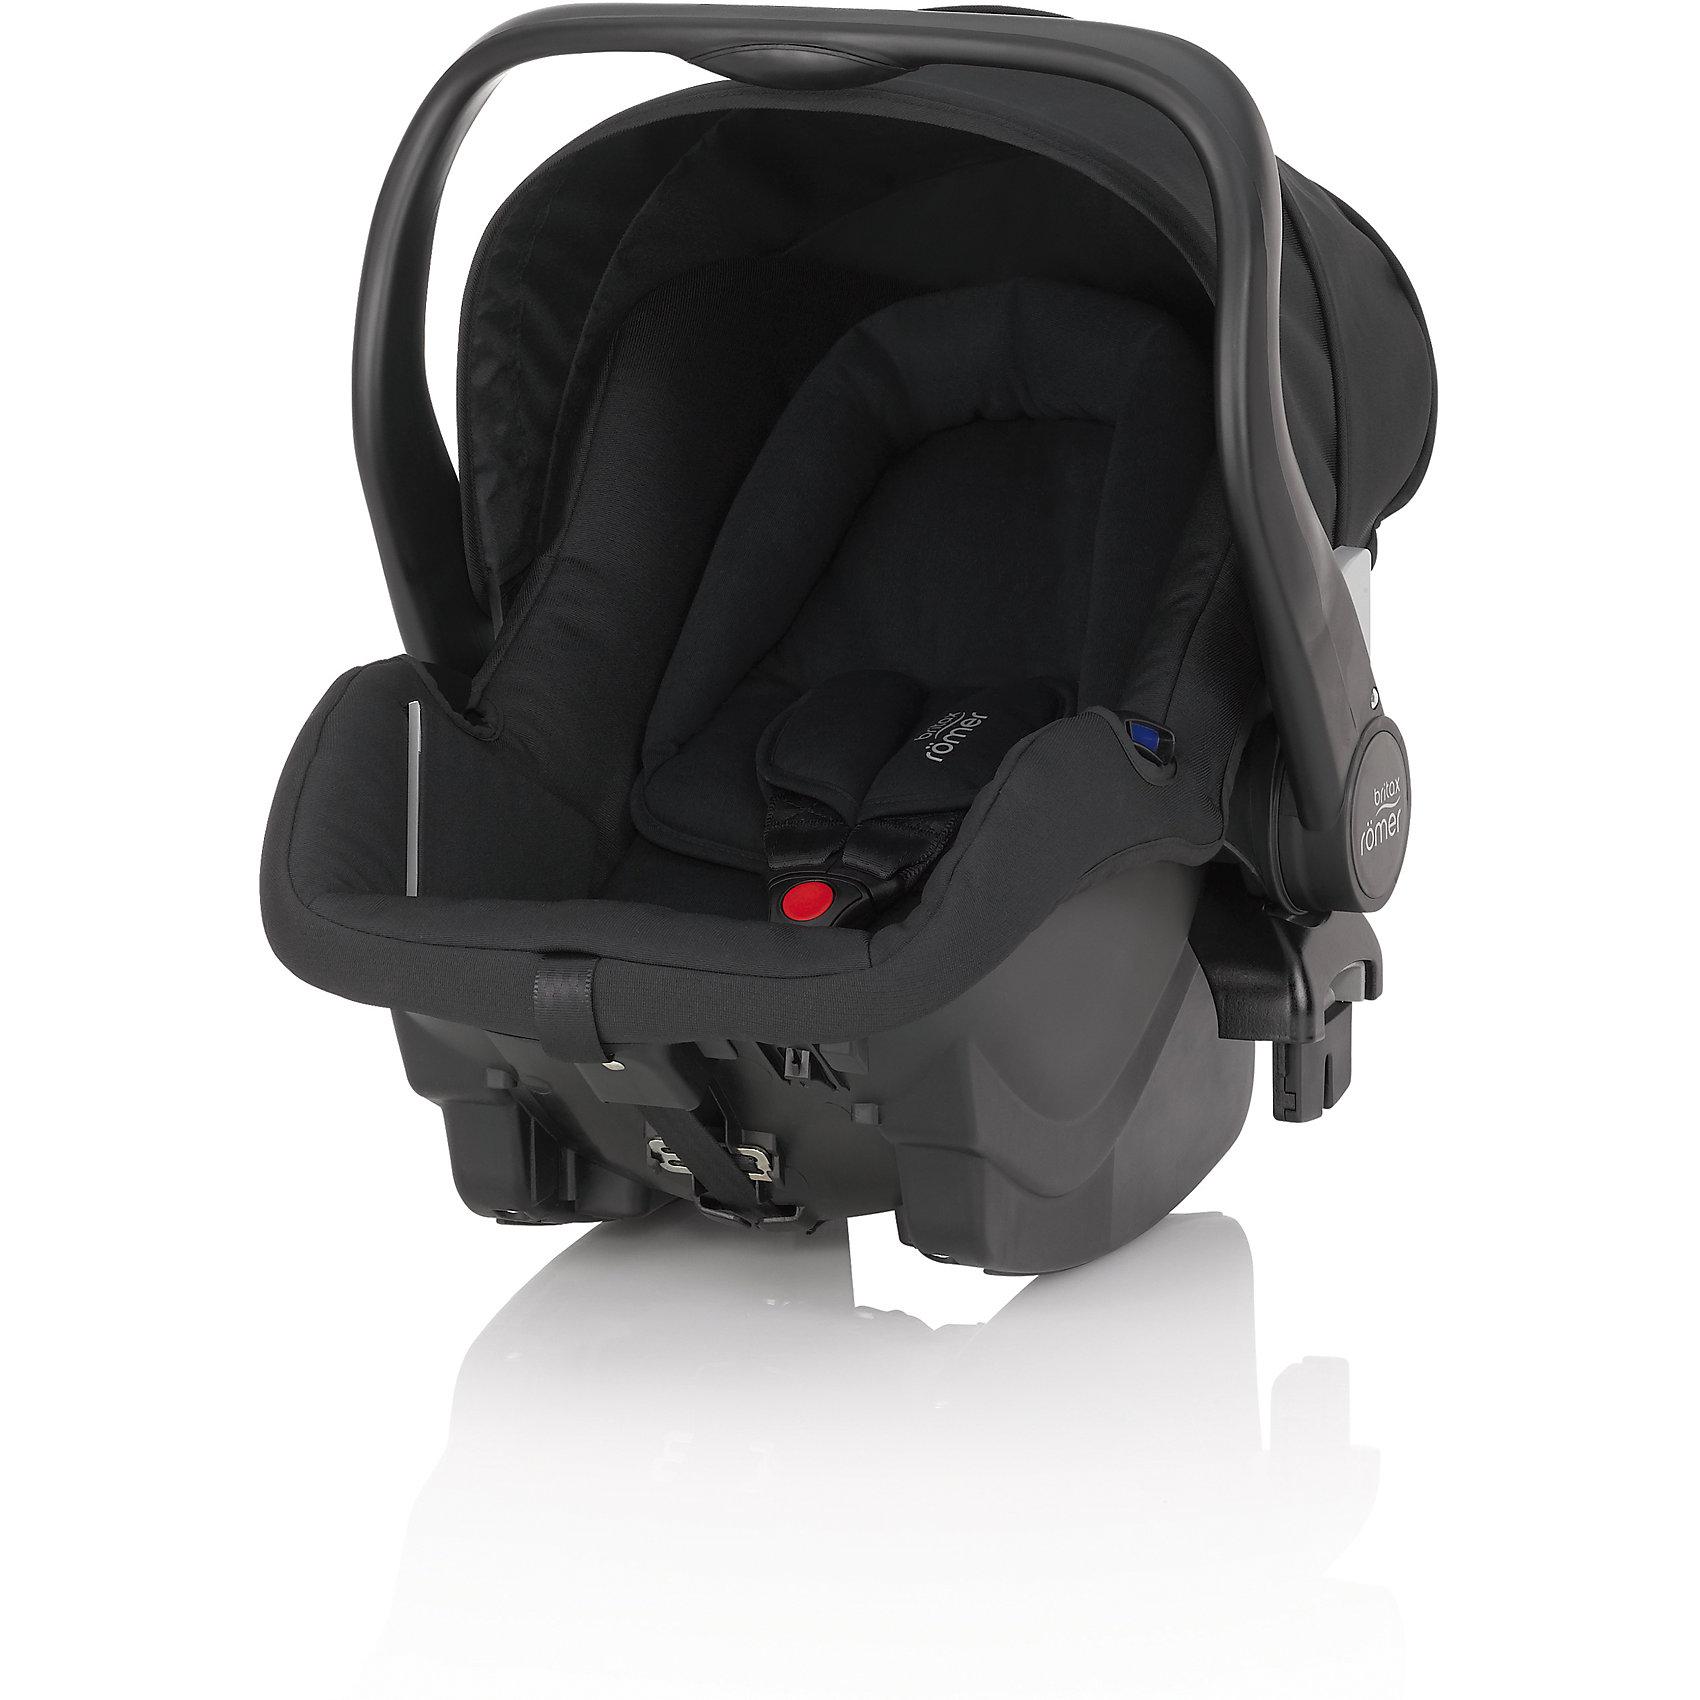 Автокресло Britax Romer PRIMO, 0-13 кг, Black Thunder TrendlineГруппа 0+ (До 13 кг)<br>Primo - безопасное и комфортное автокресло-переноска для малышей с рождения.<br>Встроенные переходники позволяют легко установить кресло на детскую коляску Britax-Romer для создания системы для путешествий Travel System. <br><br>Отделенная от капора эргономичная ручка позволяет с комфортом переносить малыша на дальние расстояния. <br><br>Дополнительная информация:<br><br>- Удобный мягкий вкладыш позволяет поддерживать естественное положение тела новорожденного во время сна.<br>- Внутренний 3-точечный ремень безопасности регулируется всего одним движением руки. <br>- Специальный вкладыш для новорожденных, состоящий из 2 частей (подголовника с мягкими бортиками и подушки под спину), обеспечивает комфорт и безопасность во время сна. При необходимости вынимается, увеличивая свободное пространство внутри автокресла.<br>- Совместимость с детскими колясками BRITAX, оснащенными механизмом CLICK &amp; GO. <br>- Складной капор для защиты от солнца и ветра с защитой от УФ-излучения 50+. <br>- Эргономичная ручка для переноски: для ношения и использования в авто; для укладывания ребенка; для надежной установки за пределами автомобиля. <br>- Быстросъемный моющийся чехол с мягкой подкладкой, не требующий расцепления ремня безопасности. <br>- Изогнутое основание для укачивания или кормления.<br>- Глубокие боковины с мягкой обивкой и плечевые накладки на внутренних ремнях для еще большего комфорта ребенка.<br>- Быстрая и простая установка с помощью 3-точечного ремня безопасности автомобиля или специальной базы PRIMO.<br>- Установка против хода движения.<br>- Размеры (Д / Ш / В): 62,5 х 44 х 53,5 см<br>- Размеры сиденья (Д / Ш): 31 х 28 см<br>- Длина спинки: 48 см<br>- Вес: 4 кг<br><br><br>Автокресло PRIMO, 0-13 кг., Black Thunder Trendline BRITAX ROMER (Бритакс Ремер)  можно купить в нашем магазине.<br><br>Ширина мм: 580<br>Глубина мм: 450<br>Высота мм: 680<br>Вес г: 5300<br>Цвет: черный<br>Возрас